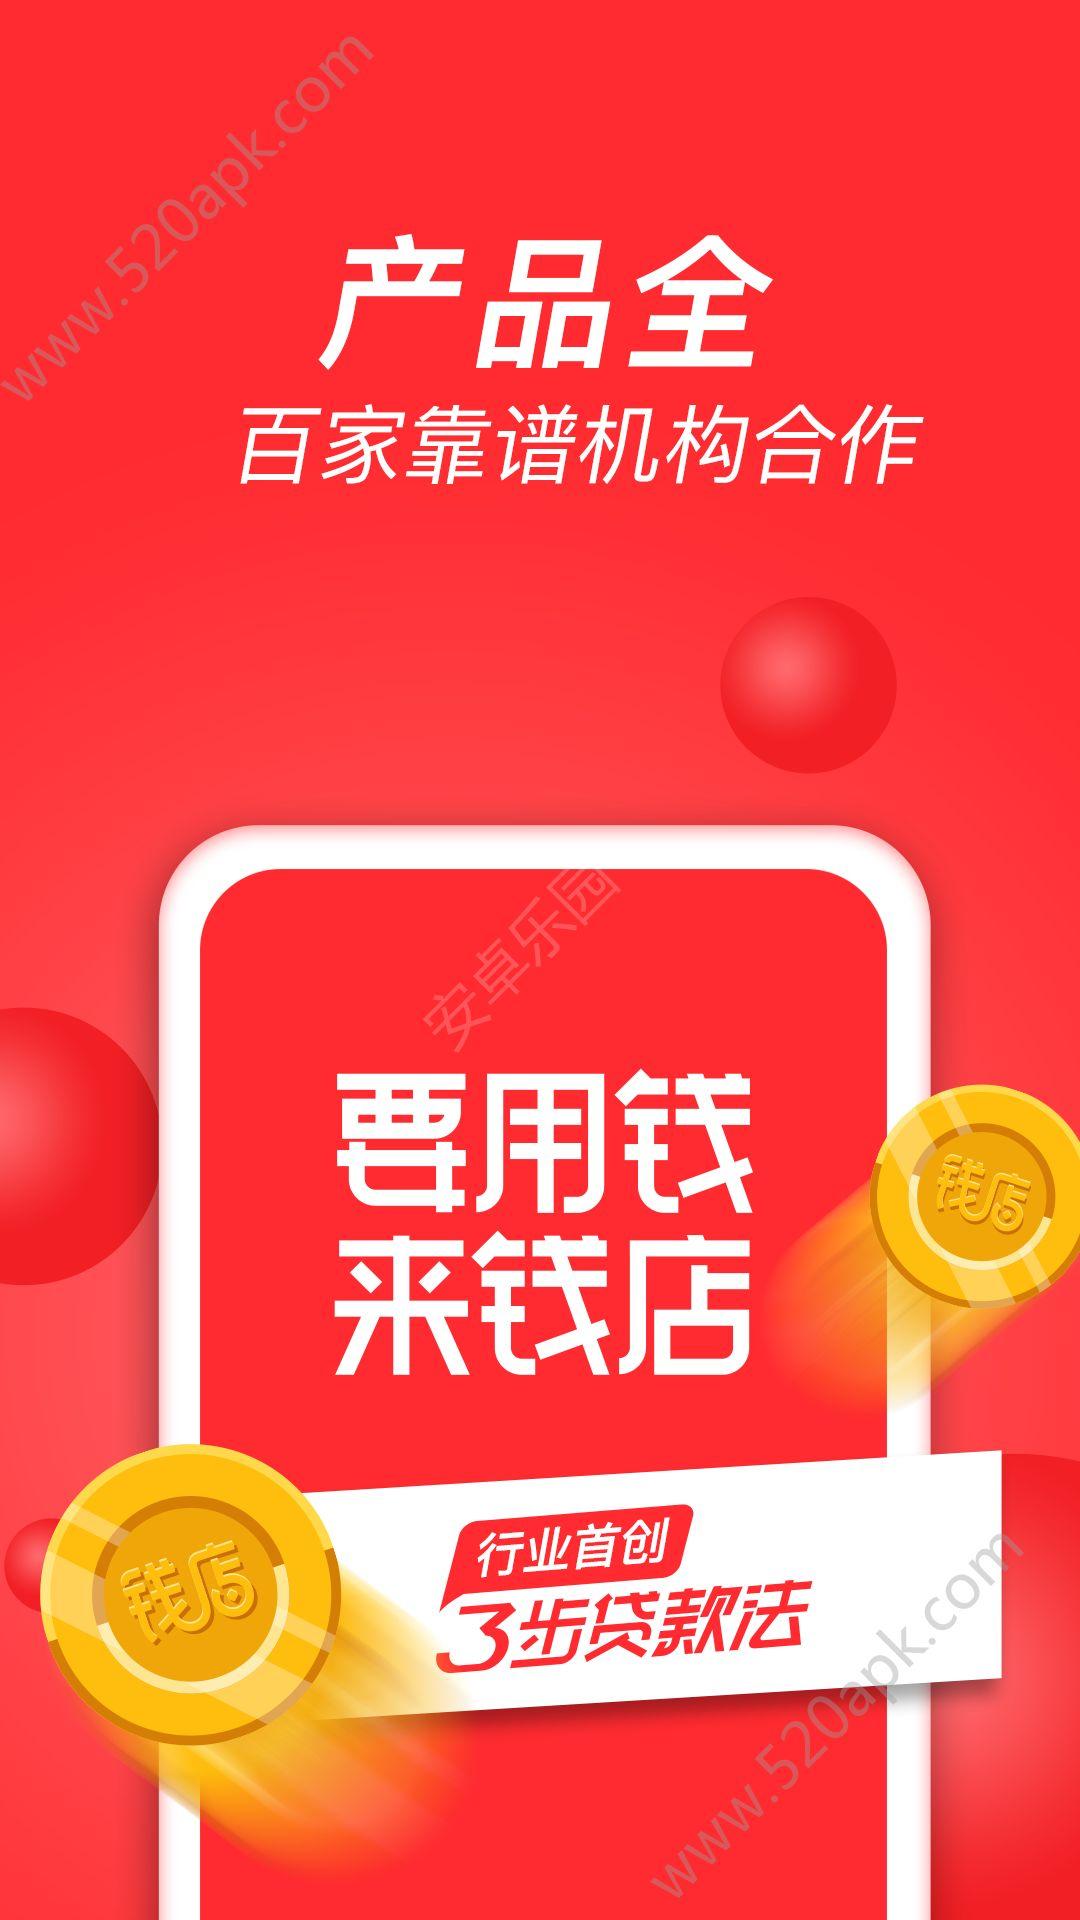 捞金袋手机贷款App官方口子安卓版  v1.0图1